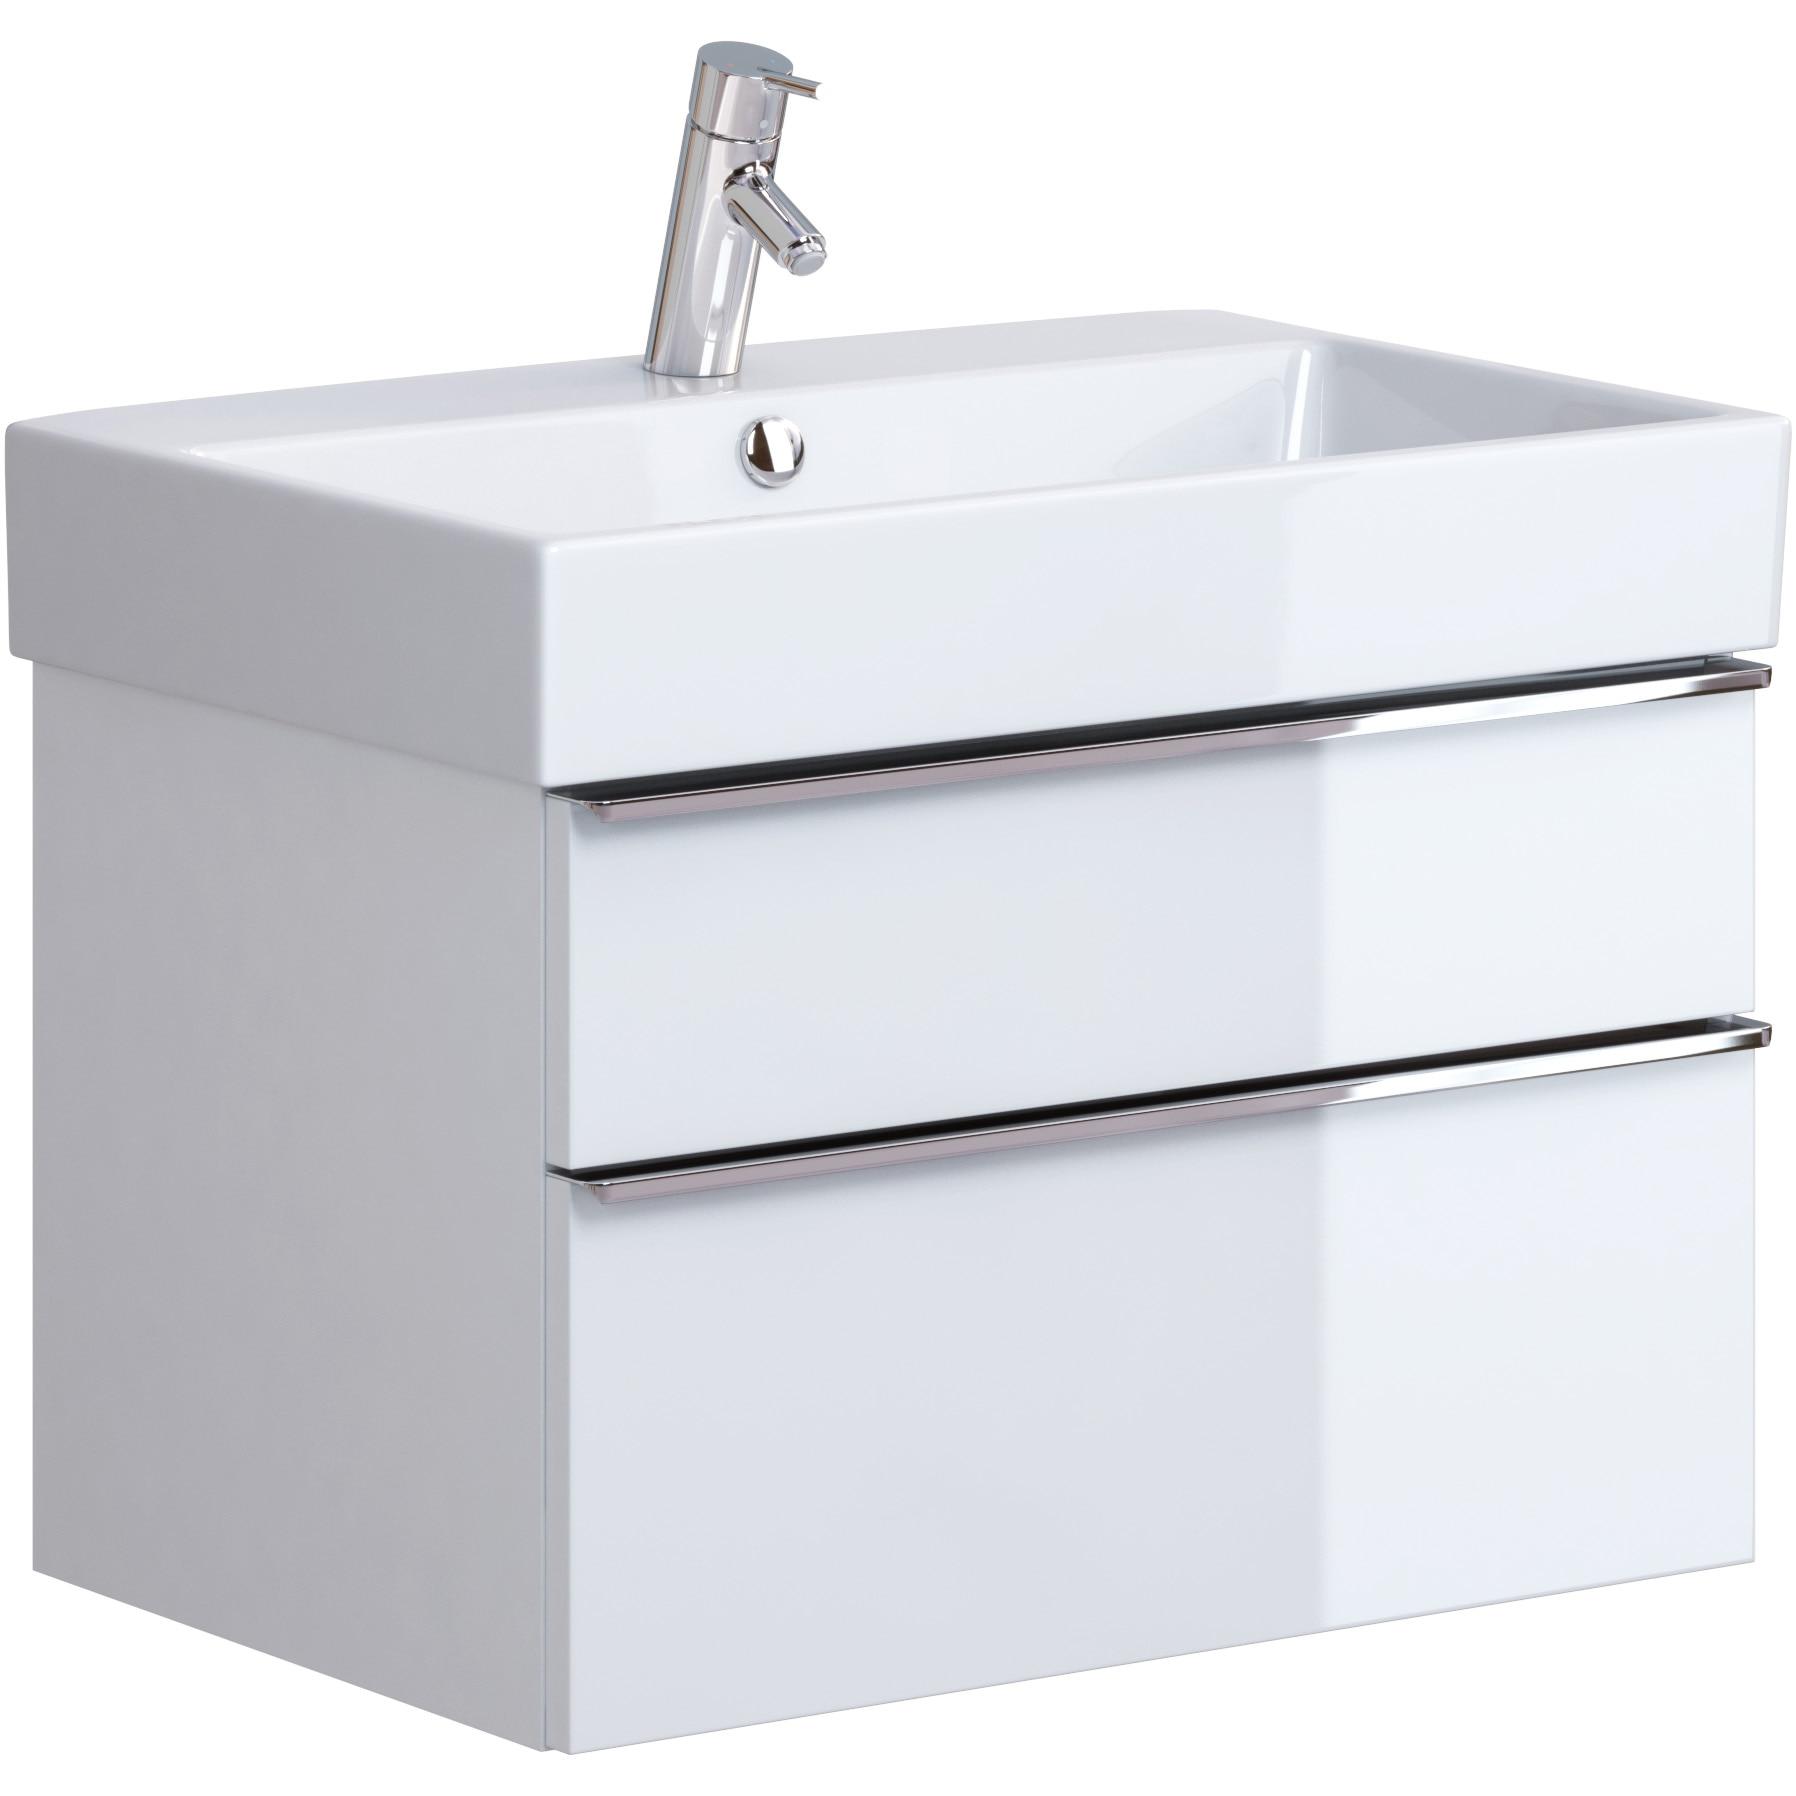 Fotografie Mobilier lavoar Cersanit Metropolitan OS581-004, 69.4x44.7x43 cm, alb, montat